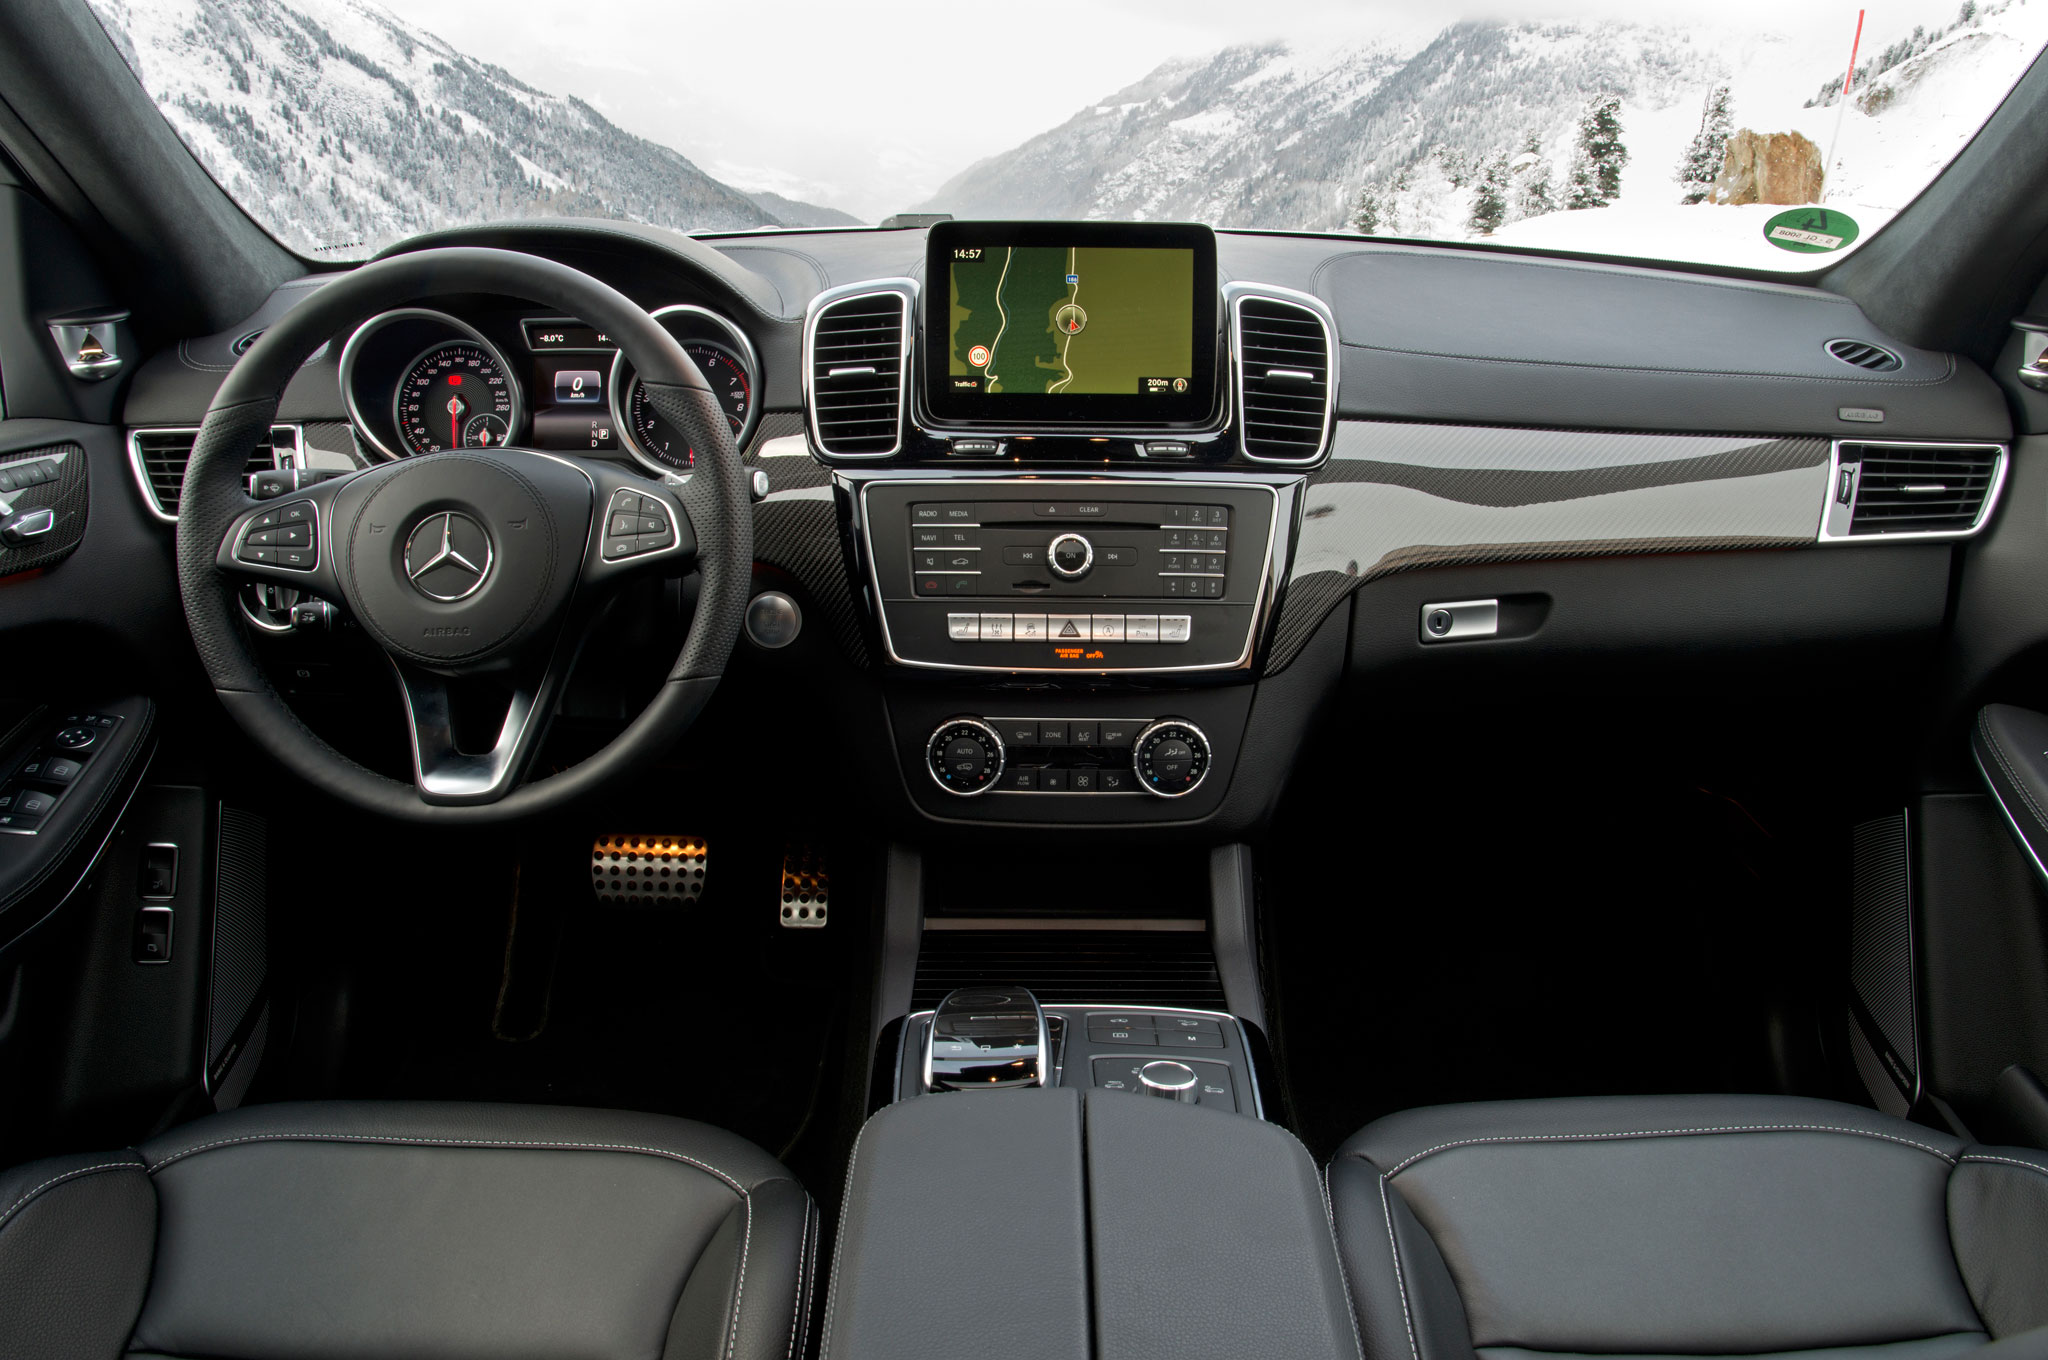 2017 Mercedes Benz Gls Review